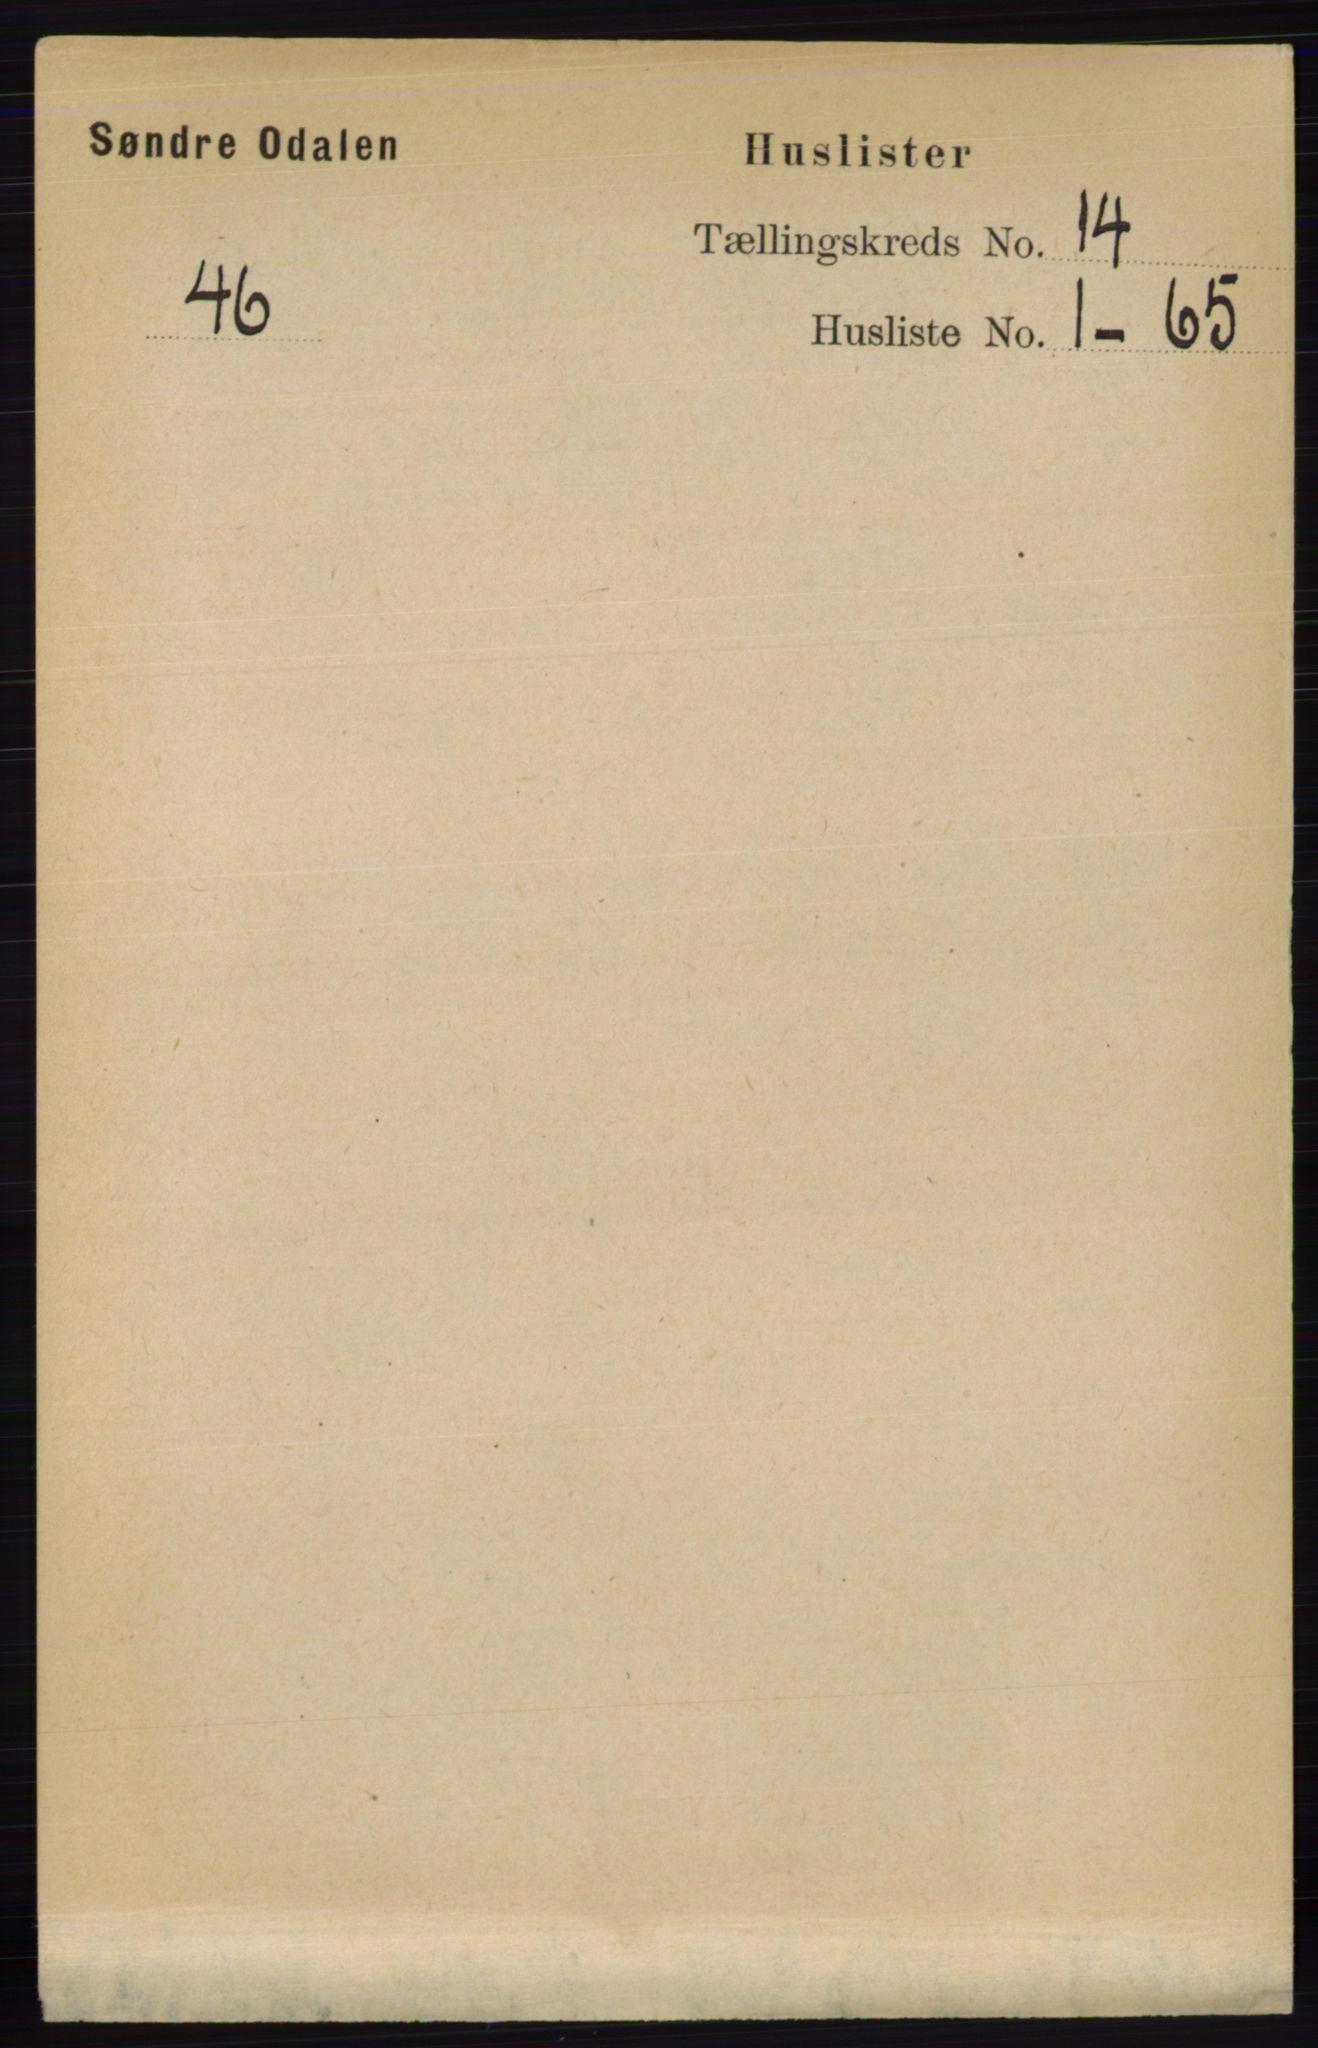 RA, Folketelling 1891 for 0419 Sør-Odal herred, 1891, s. 5917